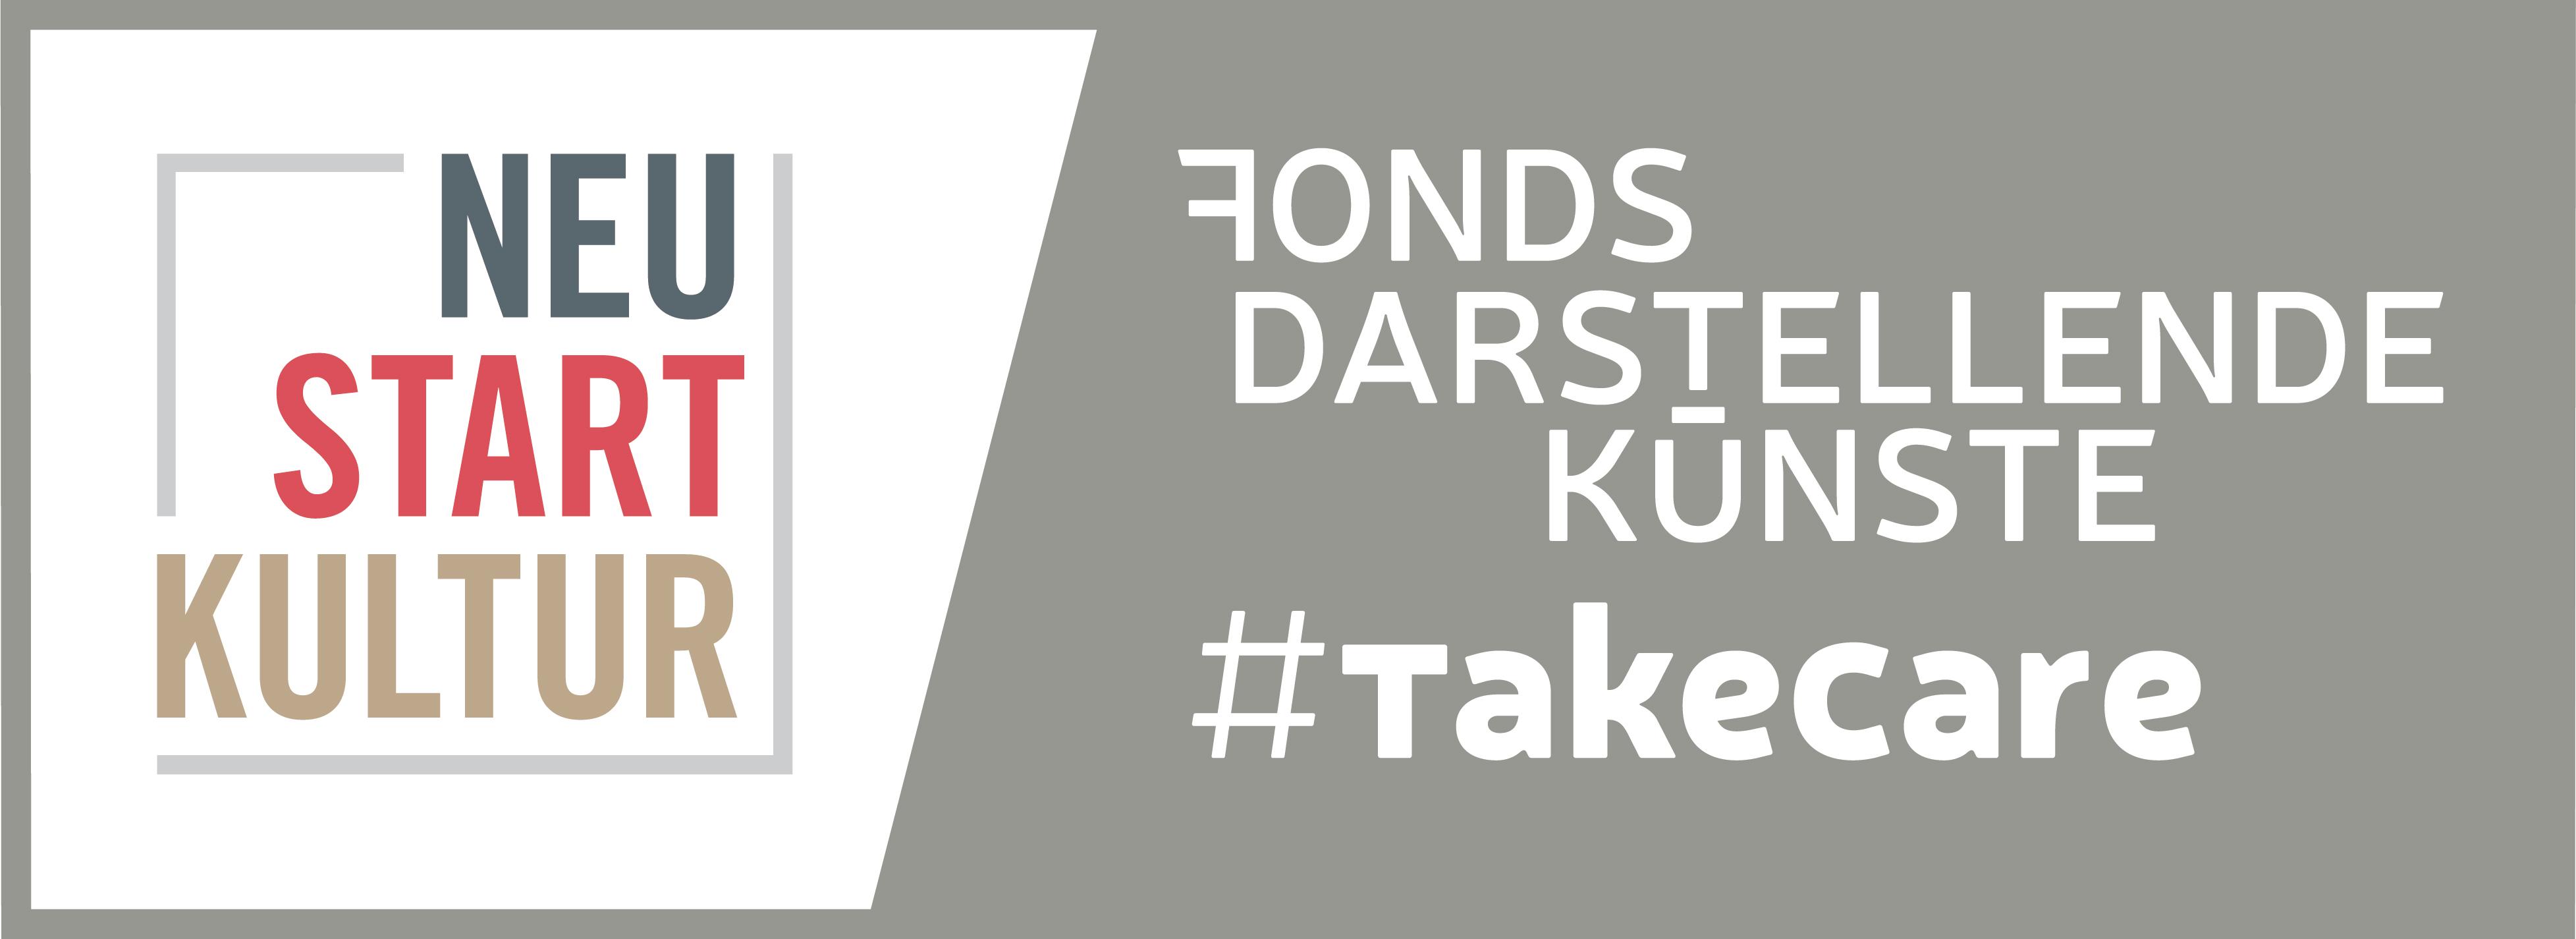 Logo von Fonds Darstellende Künste - Projekt #TakeCare